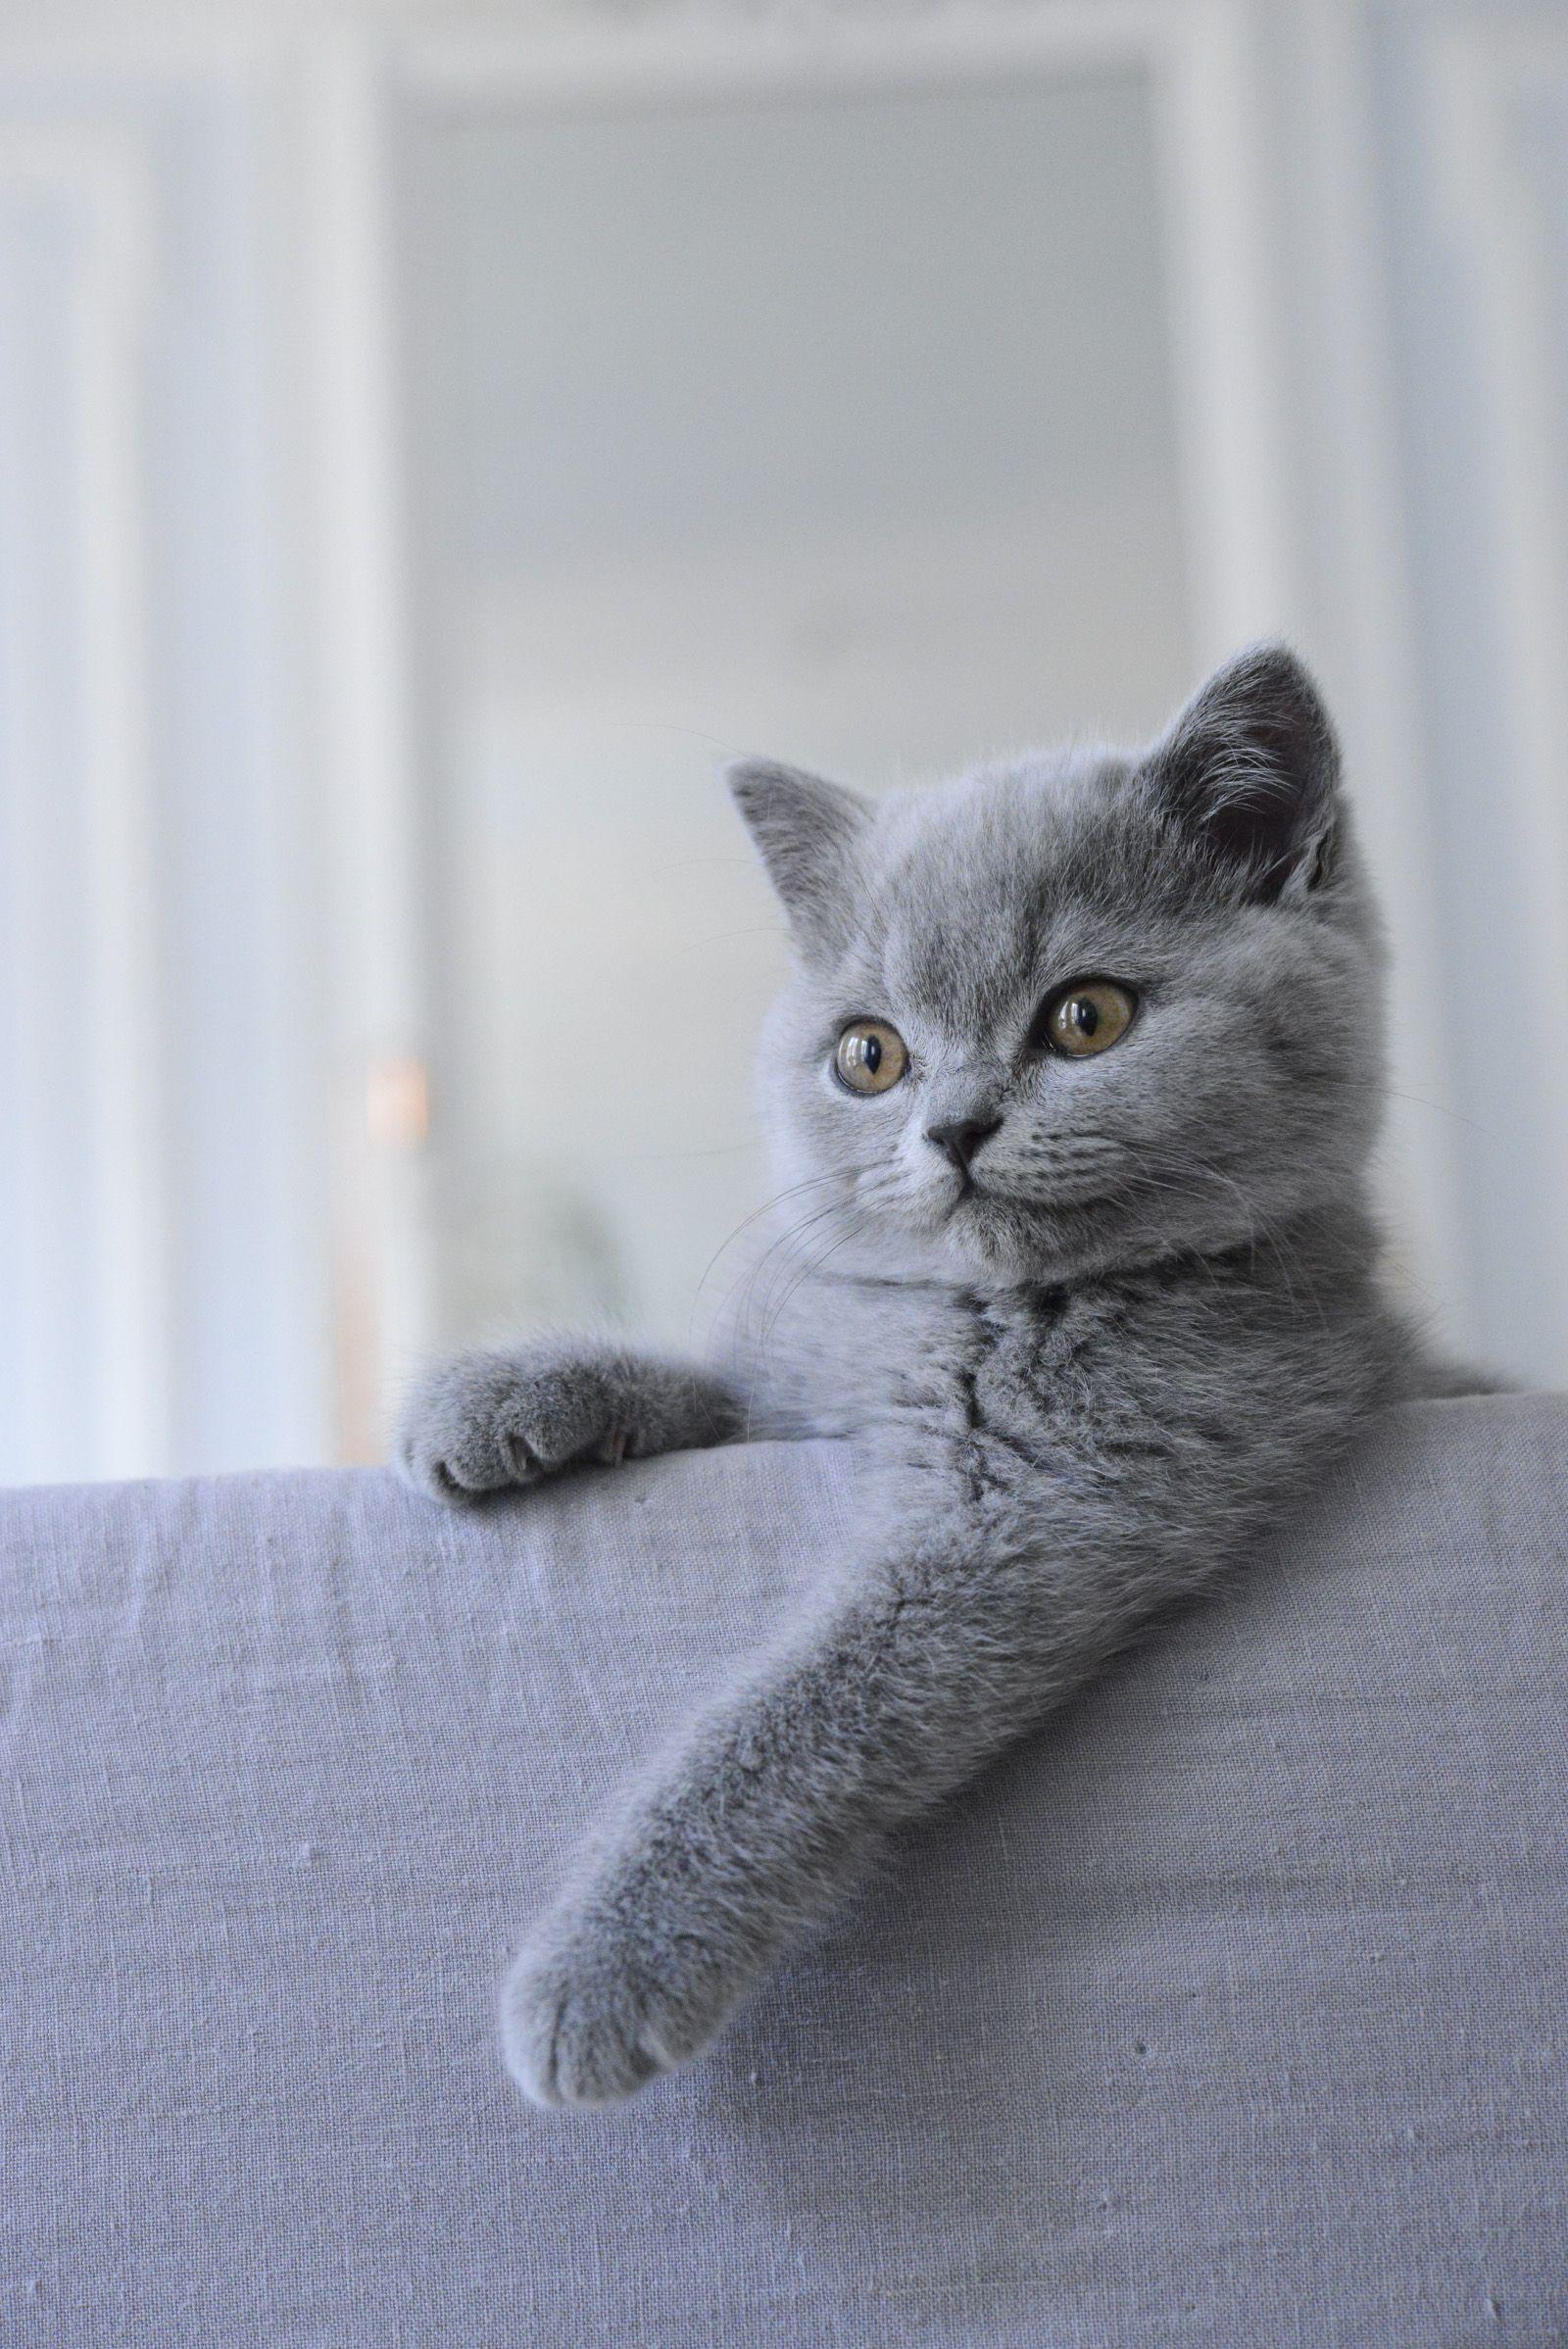 Mon British Shorthair British Shorthair Kittens British Shorthair Cats